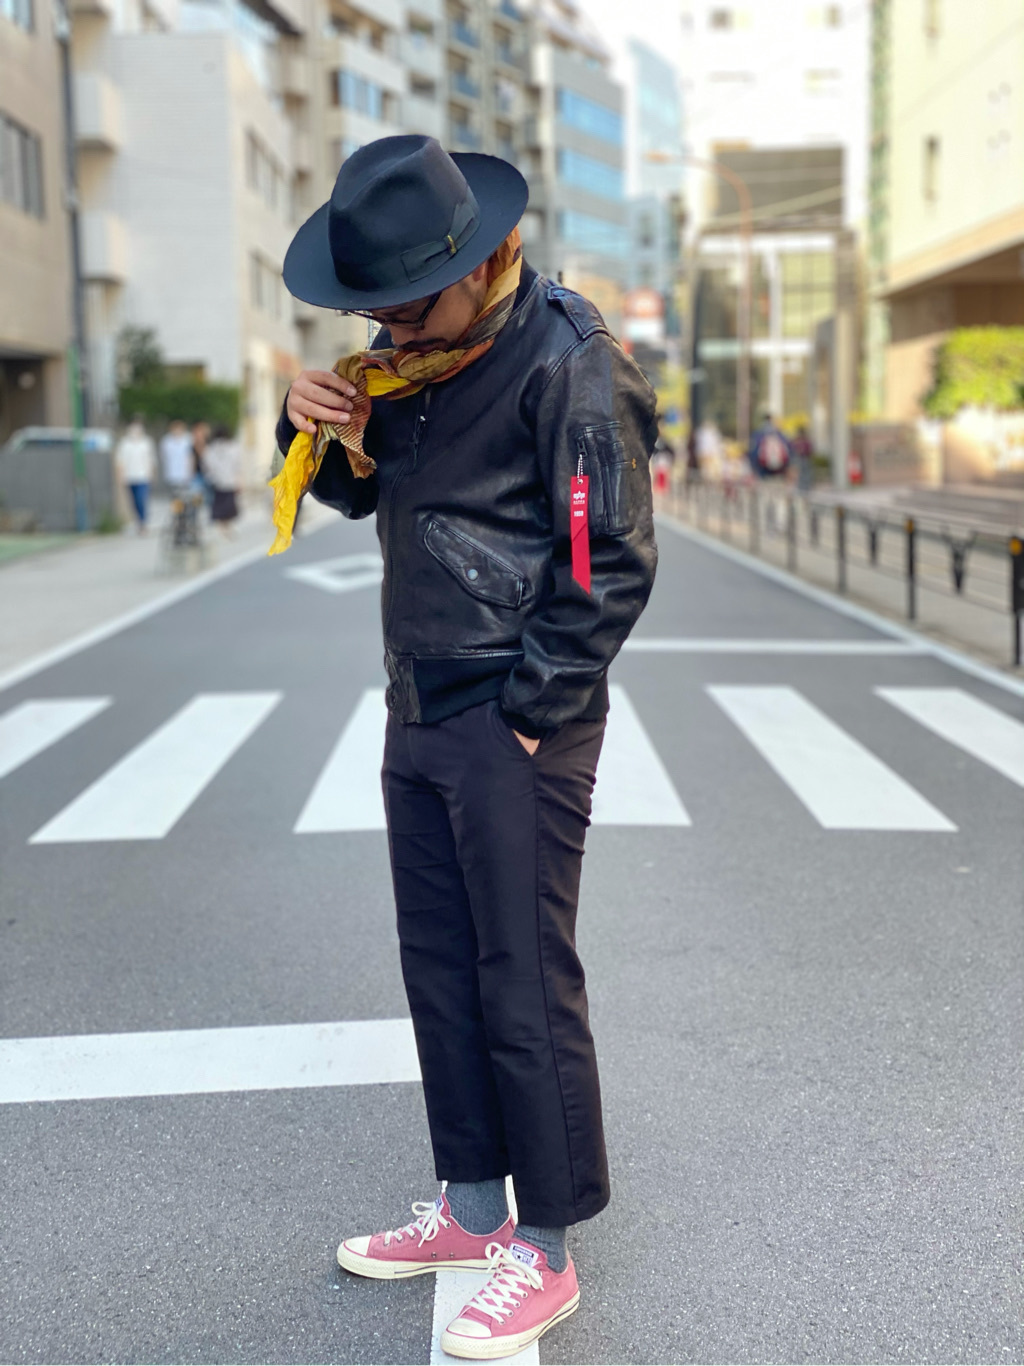 ALPHA SHOP渋谷店のKataoka.RさんのALPHAのレザーL-2Bを使ったコーディネート